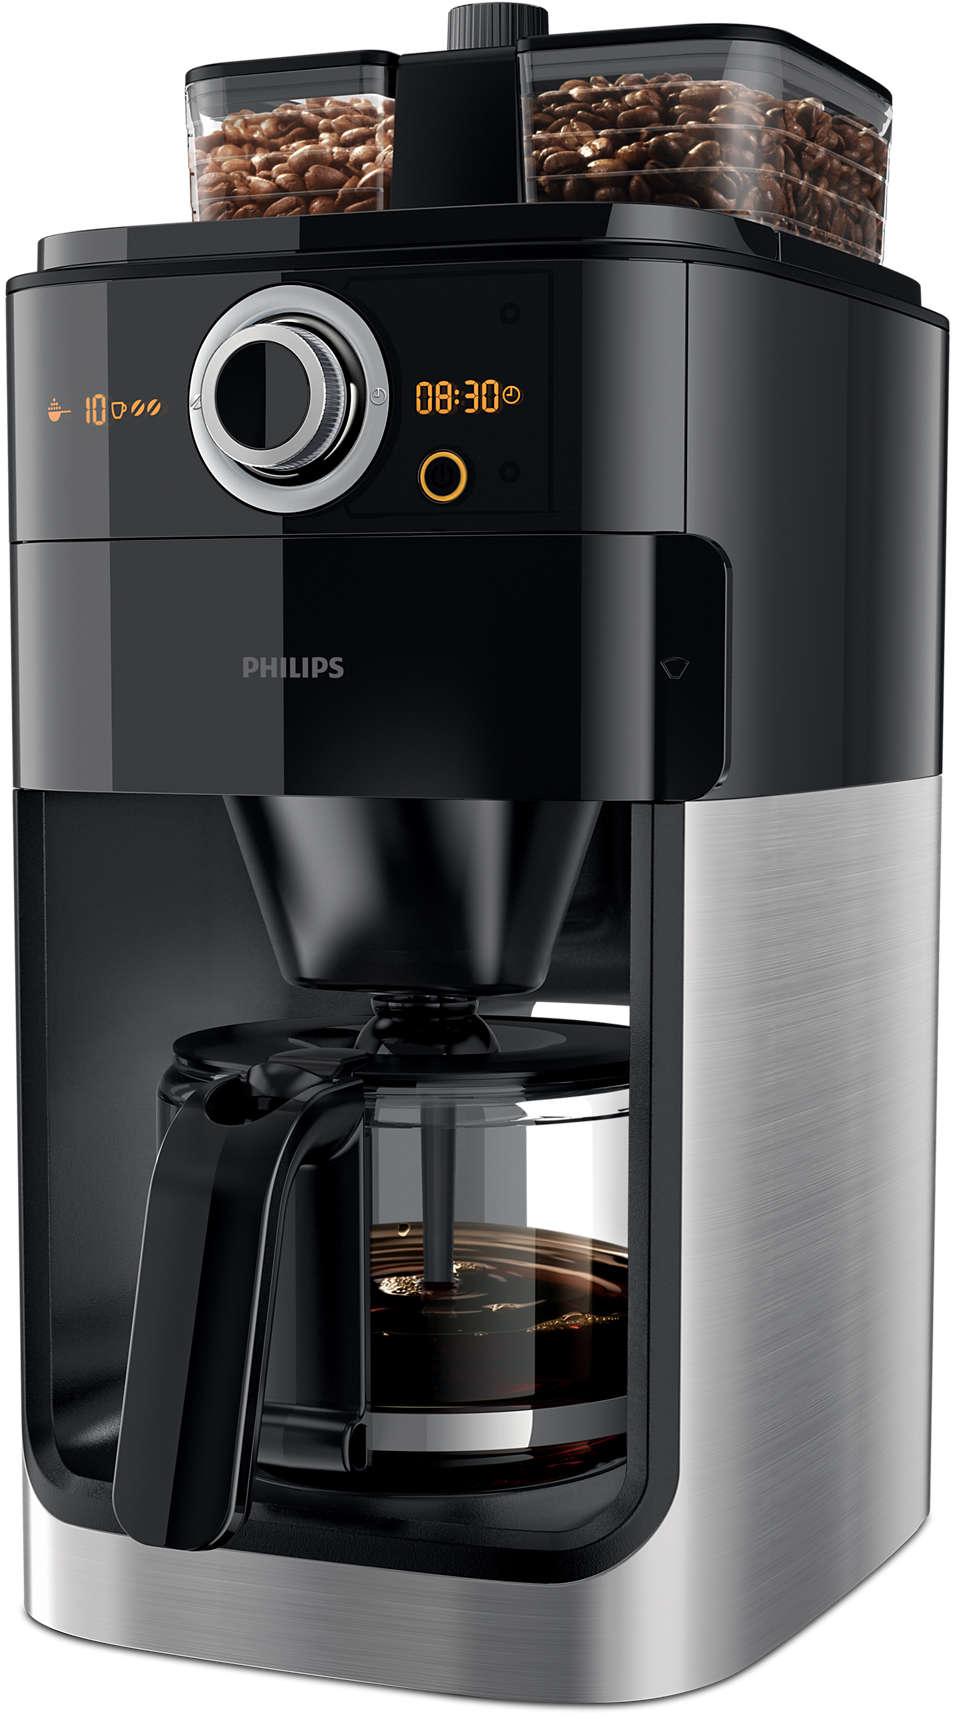 Suurepärase kohvi tagavad värskelt jahvatatud kohvioad